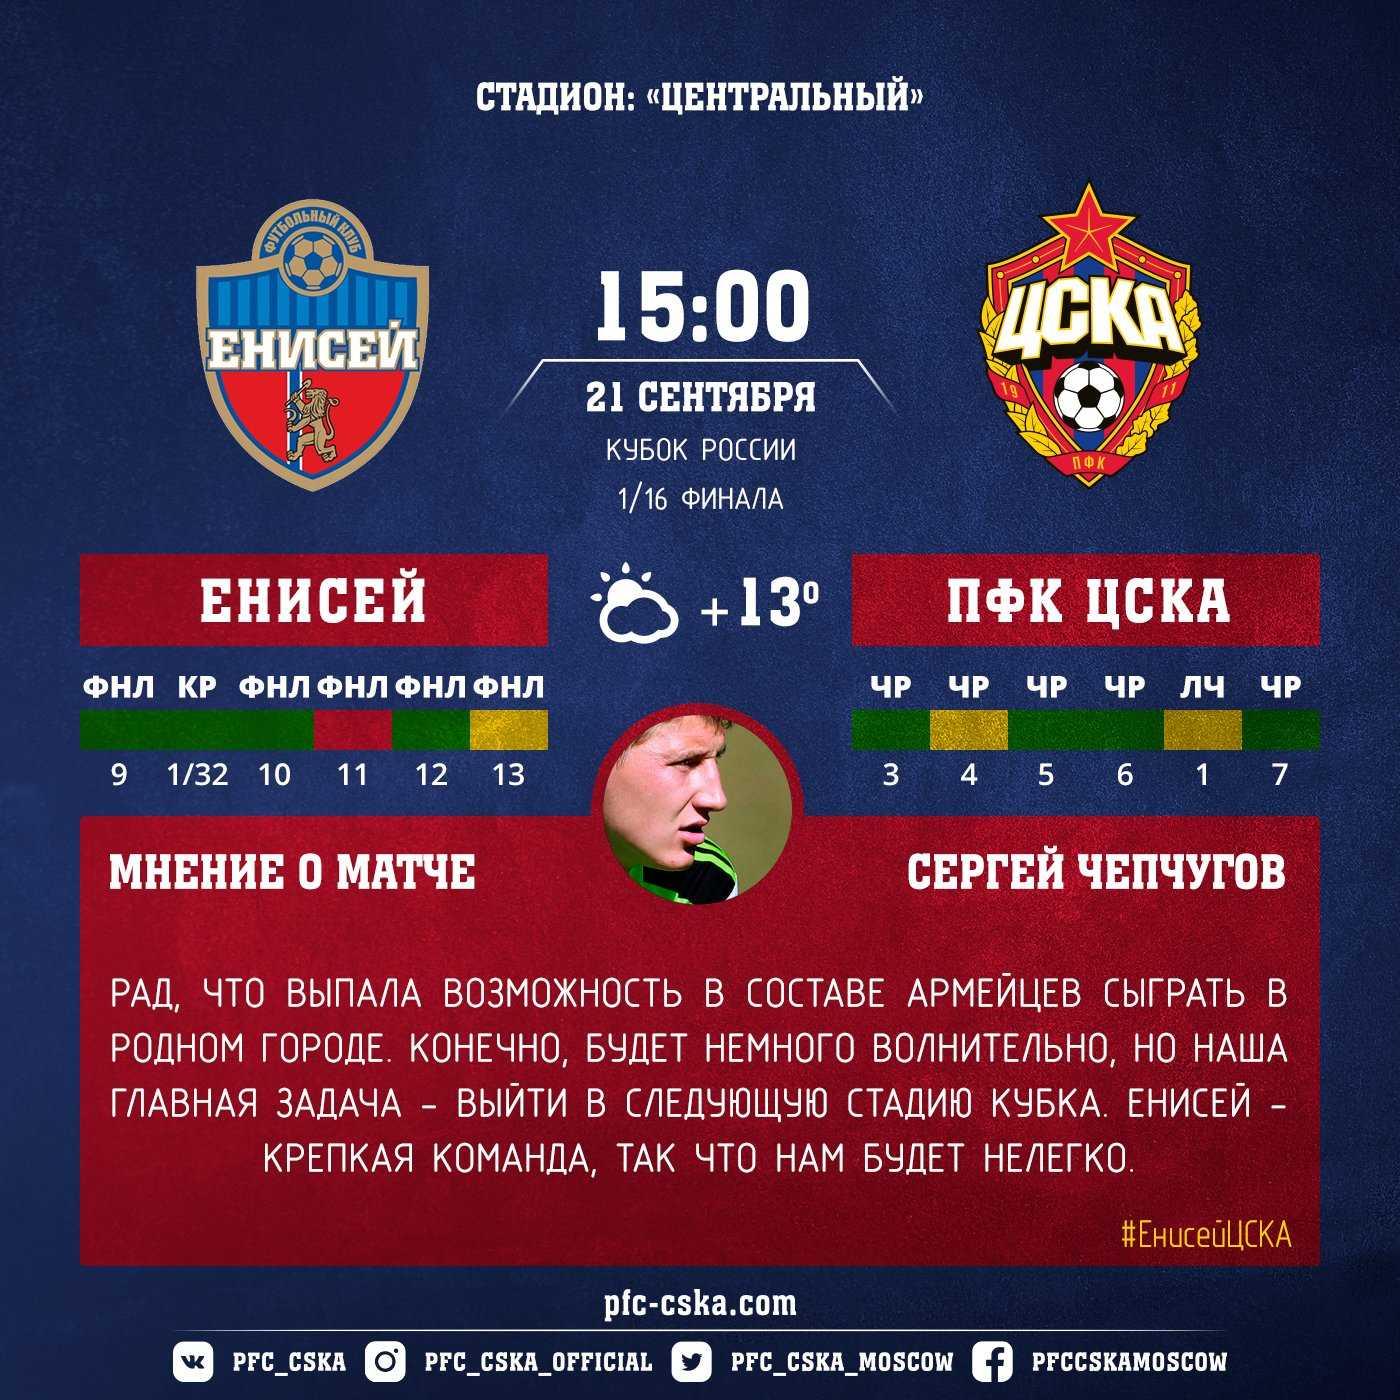 Енисей - ЦСКА